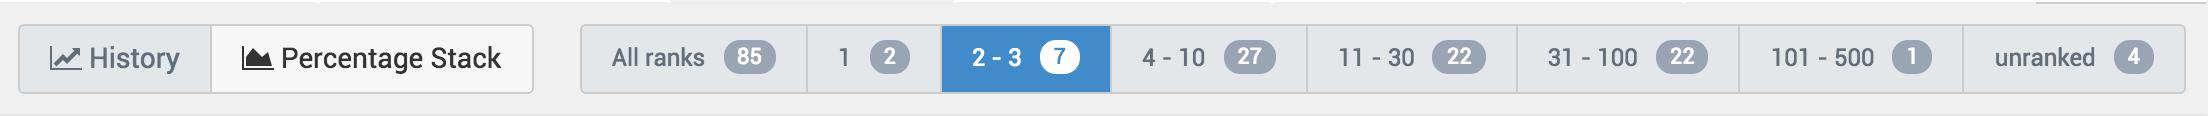 keyword-ranking-2.png